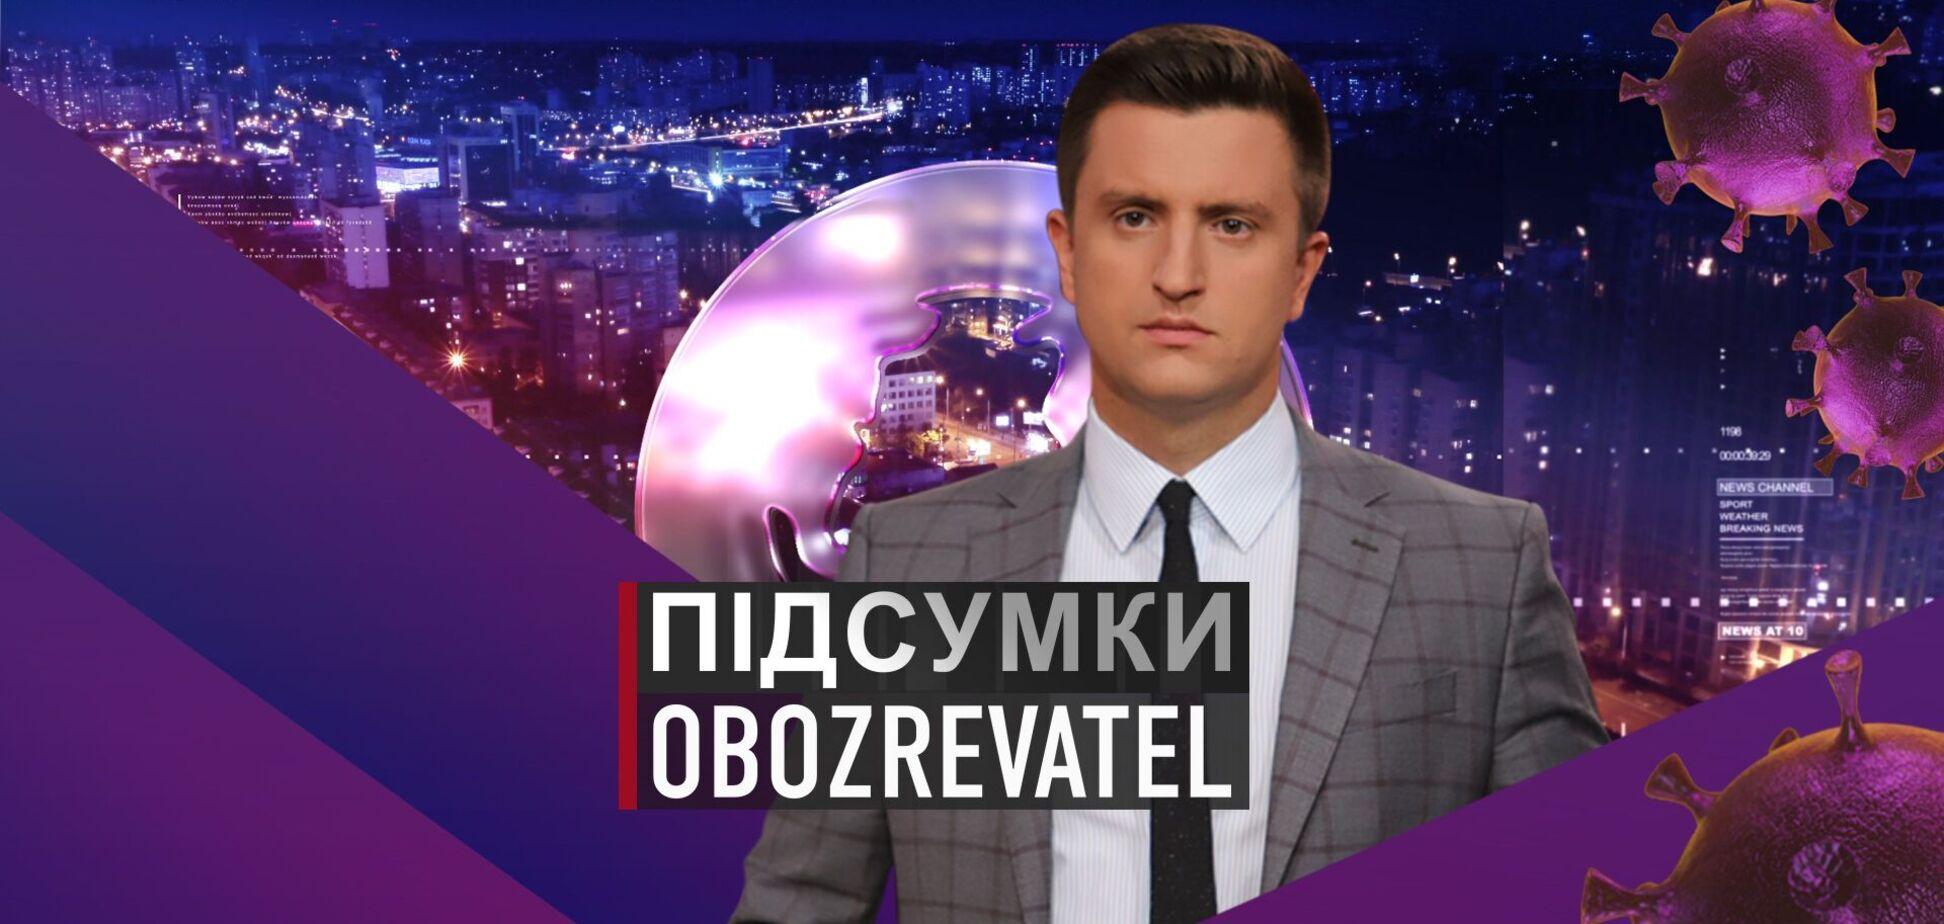 Підсумки з Вадимом Колодійчуком. Середа, 27 жовтня